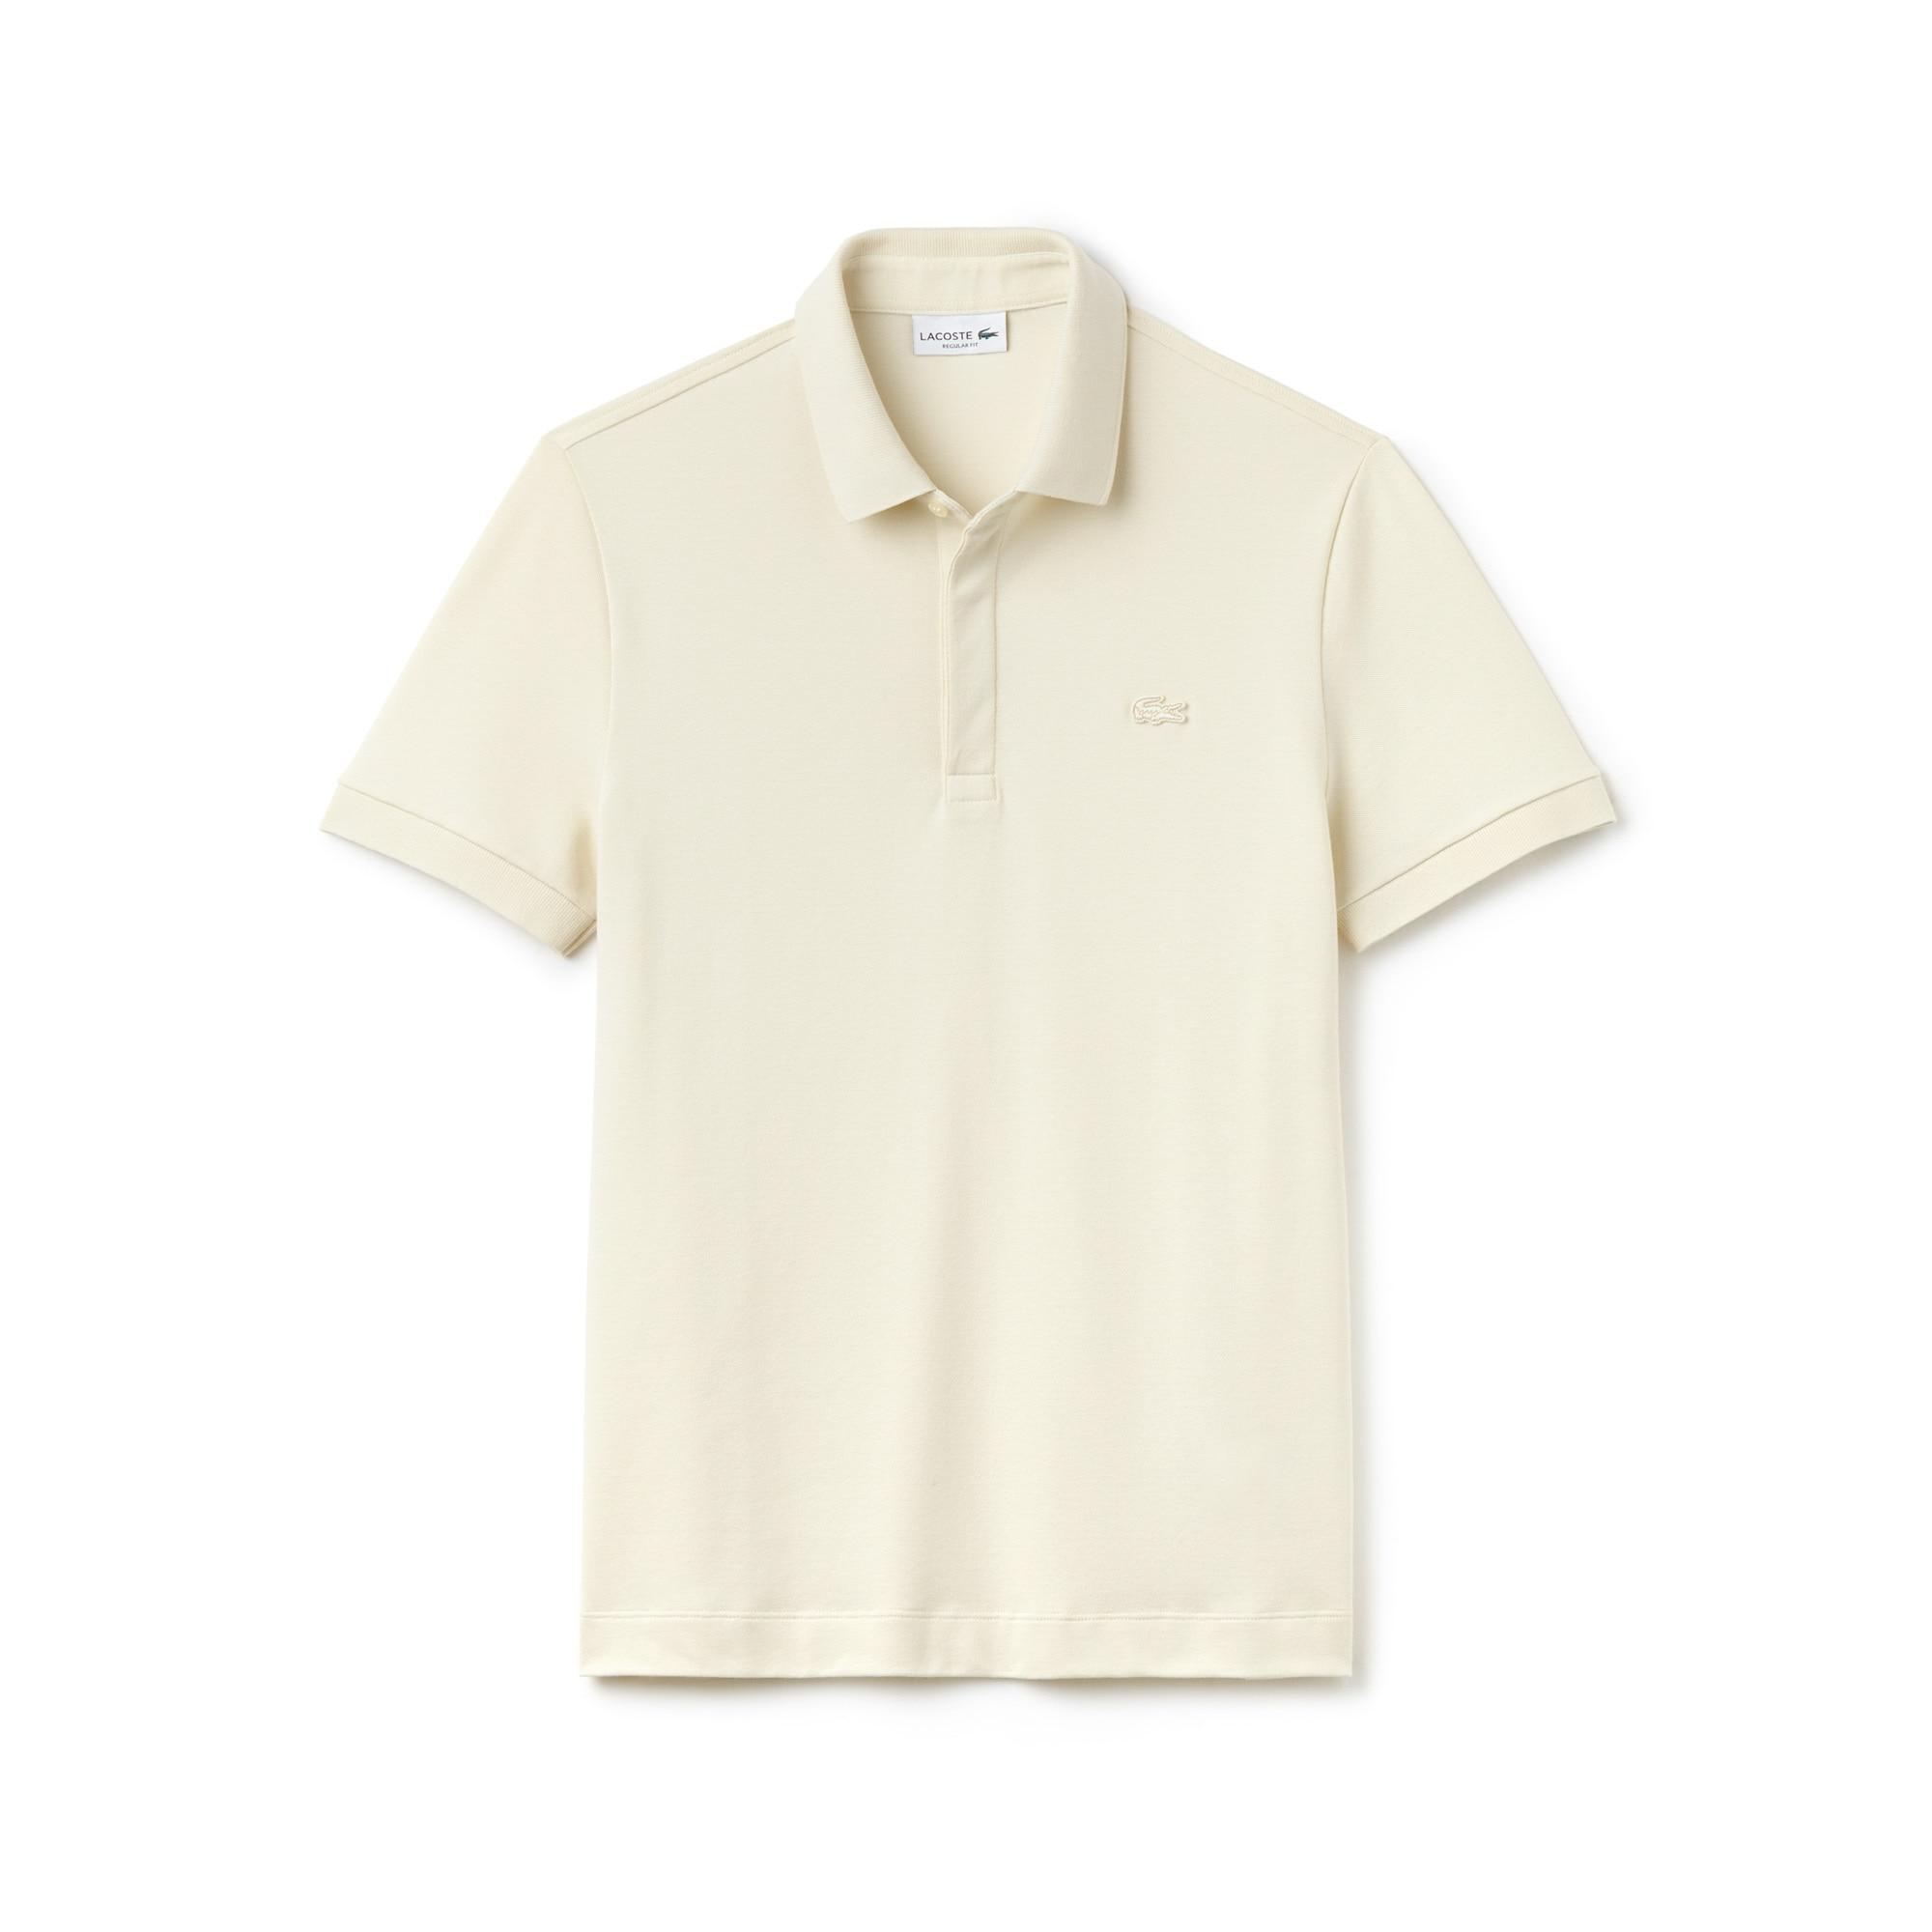 Men's Lacoste Paris Polo Regular Fit Stretch Cotton Piqué